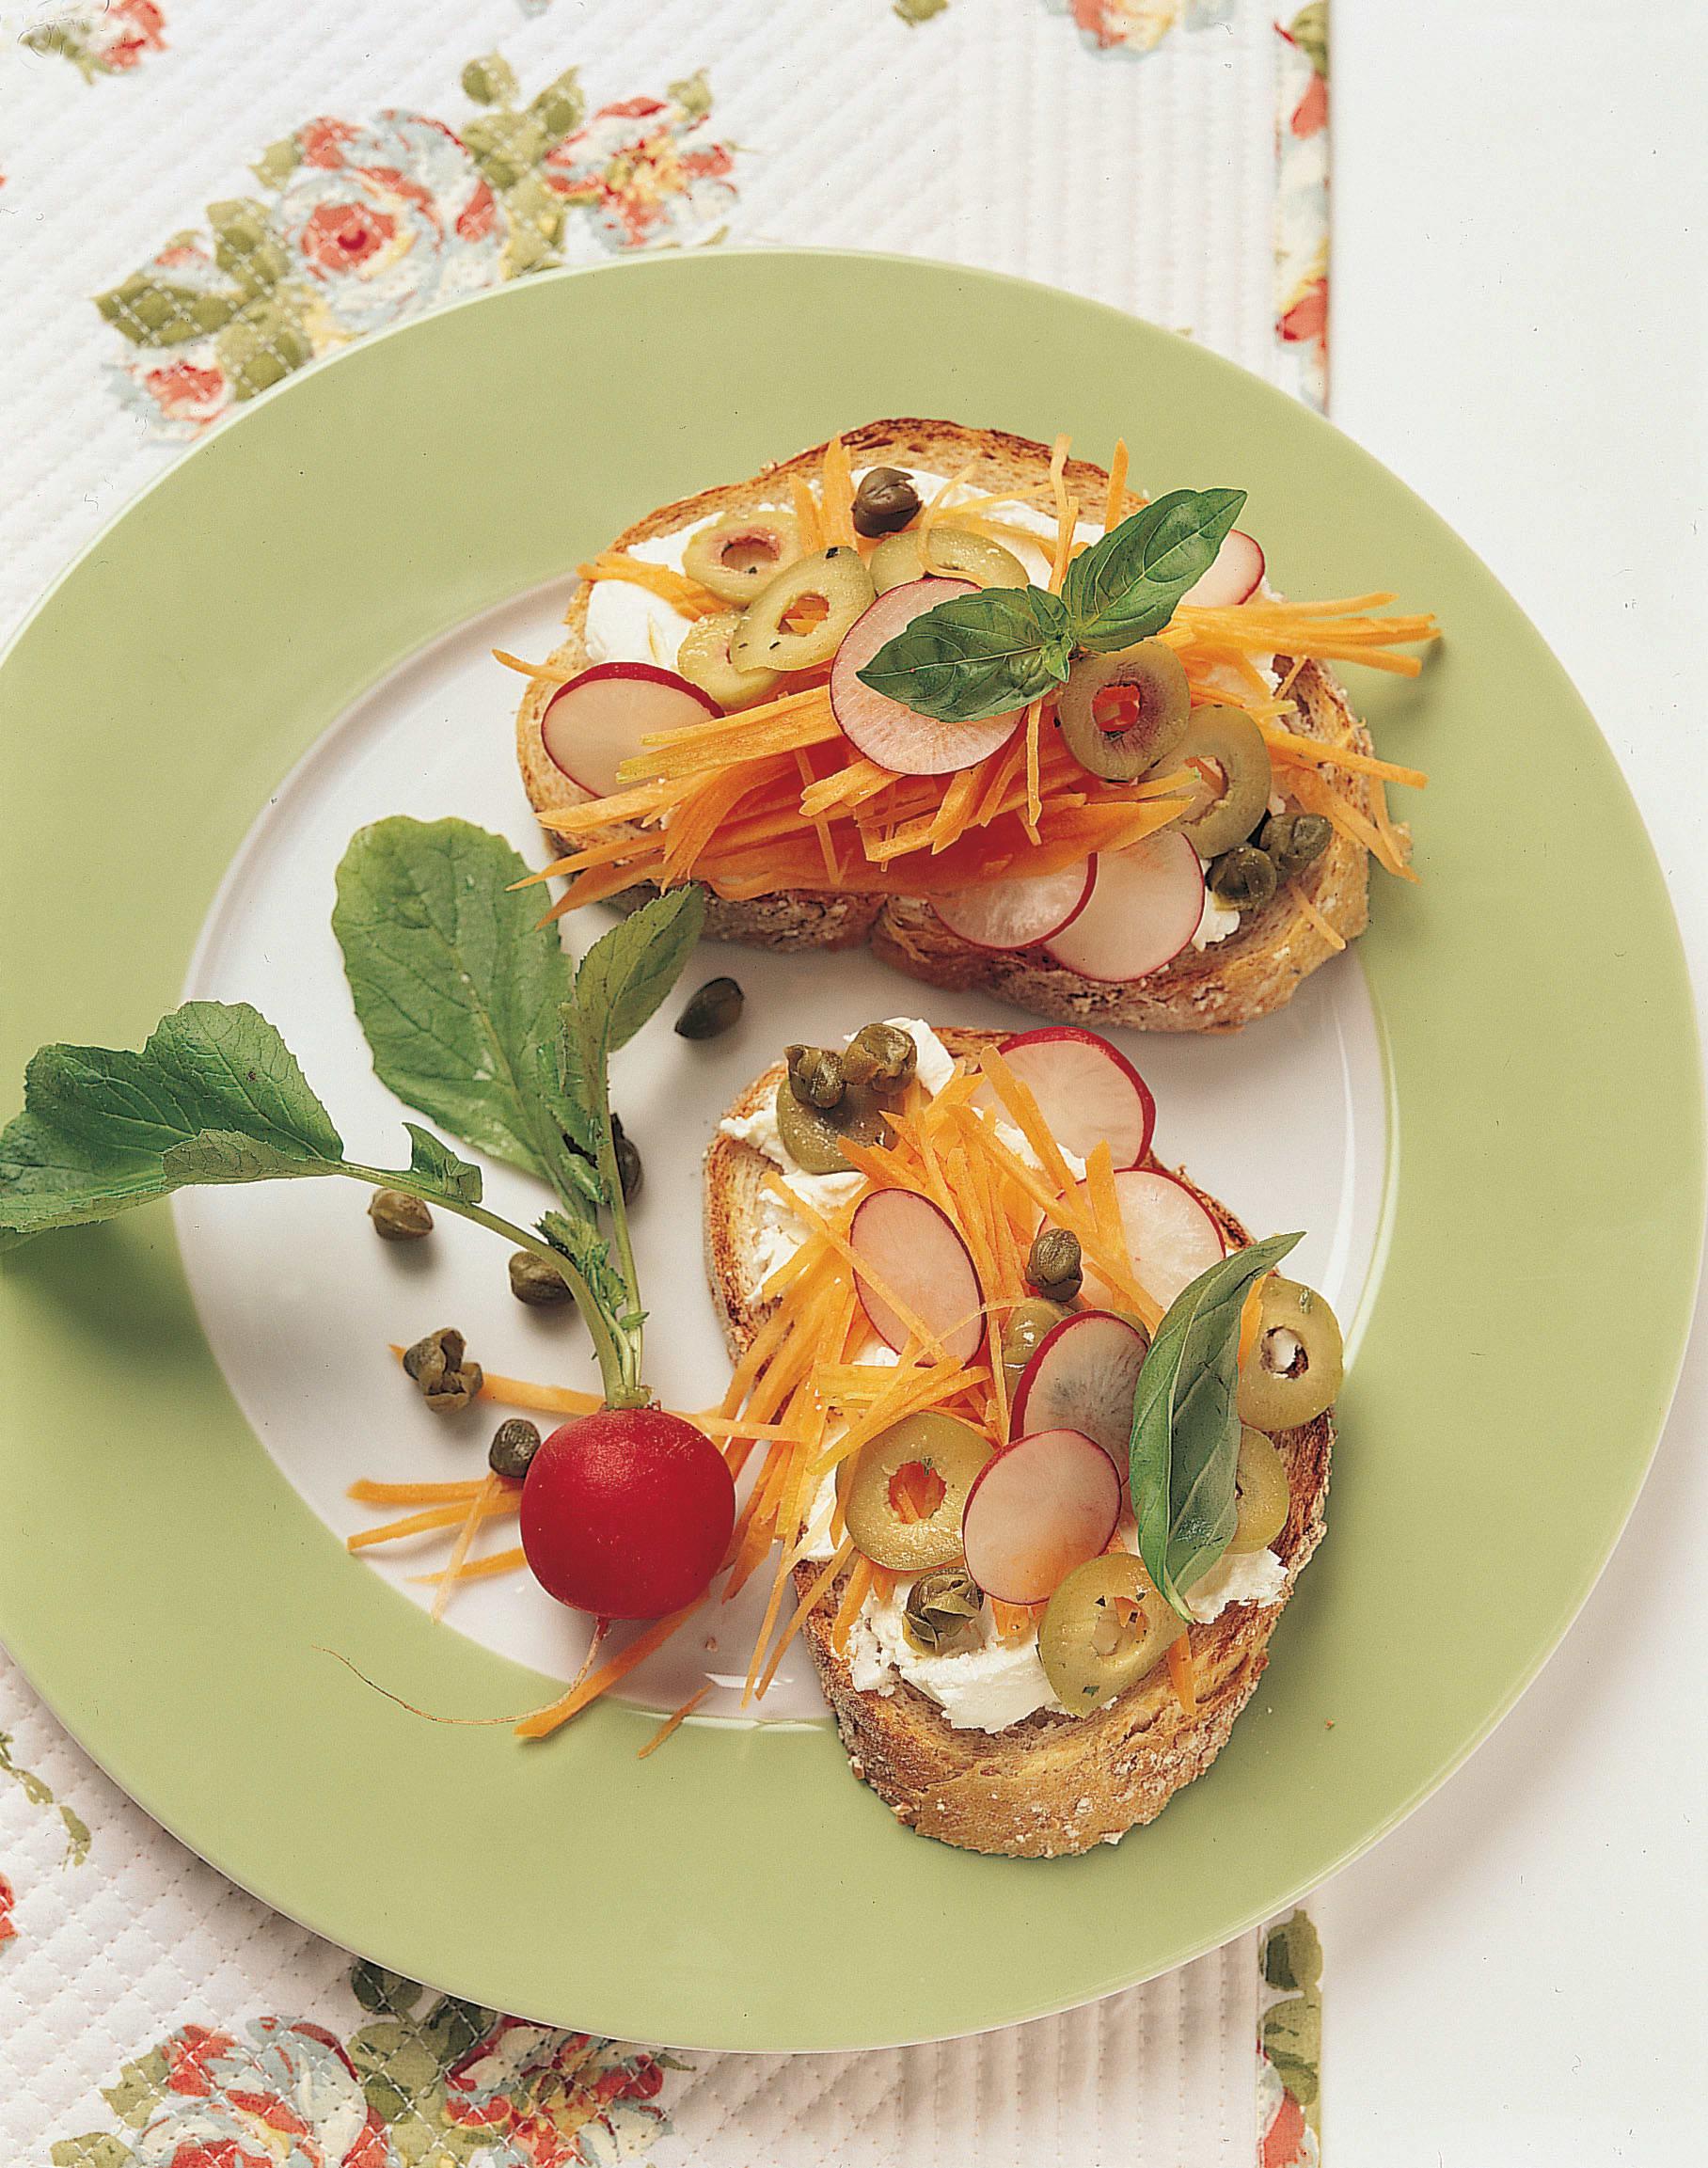 Crostini mit Frischkäse, Kapern und Oliven